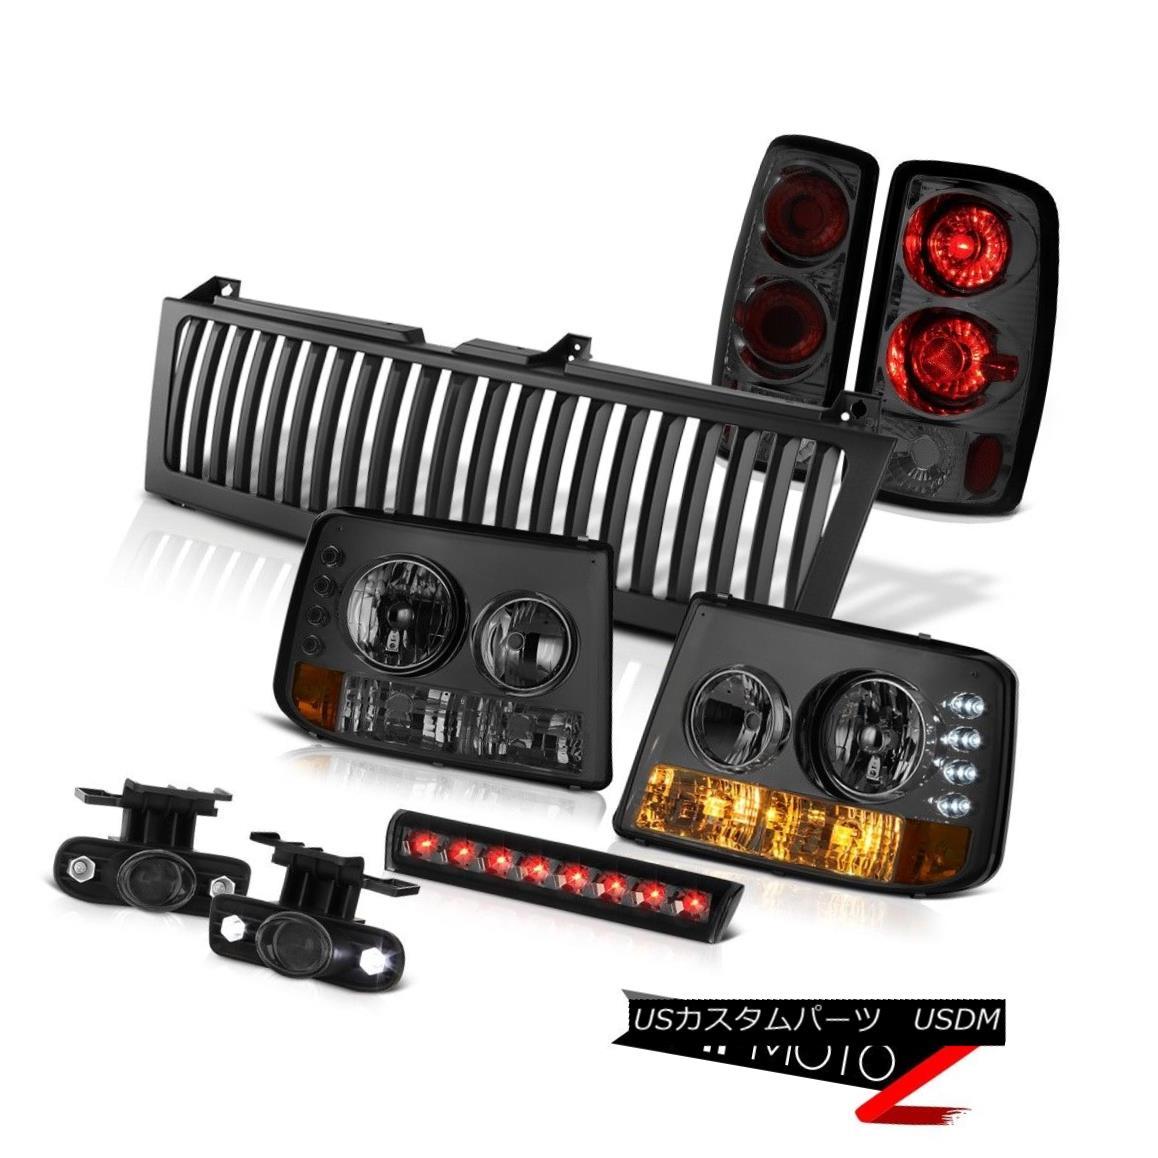 ヘッドライト Smoke Headlights Rear Tail Lights Tint Fog Third Brake LED Black 00-06 Tahoe Z71 スモークヘッドライトリアテールライトティントフォグ第3ブレーキLEDブラック00-06タホZ71